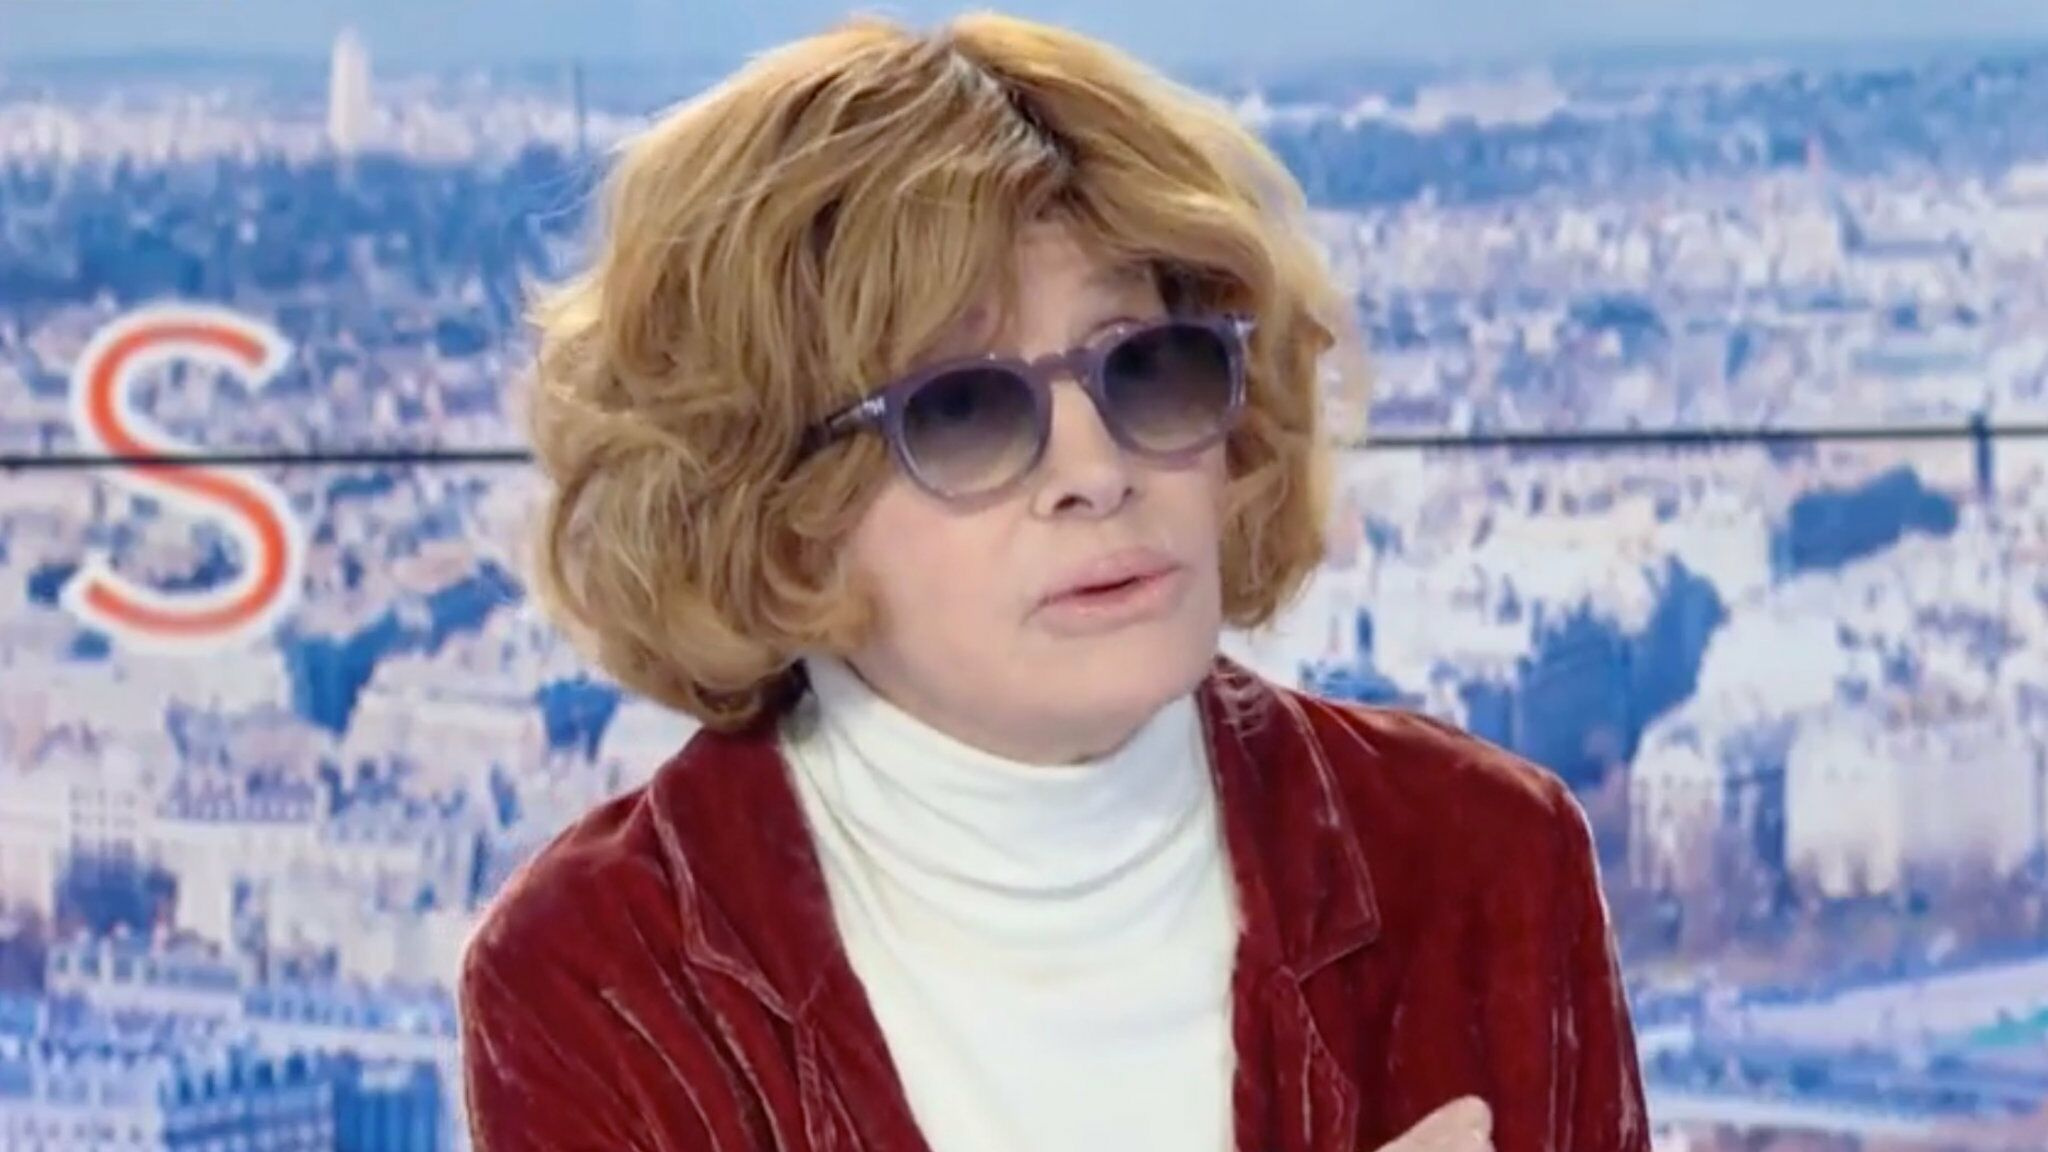 Nadine Trintignant : « profondément blessée », elle répond à la polémique après son soutien à Roman Polanski